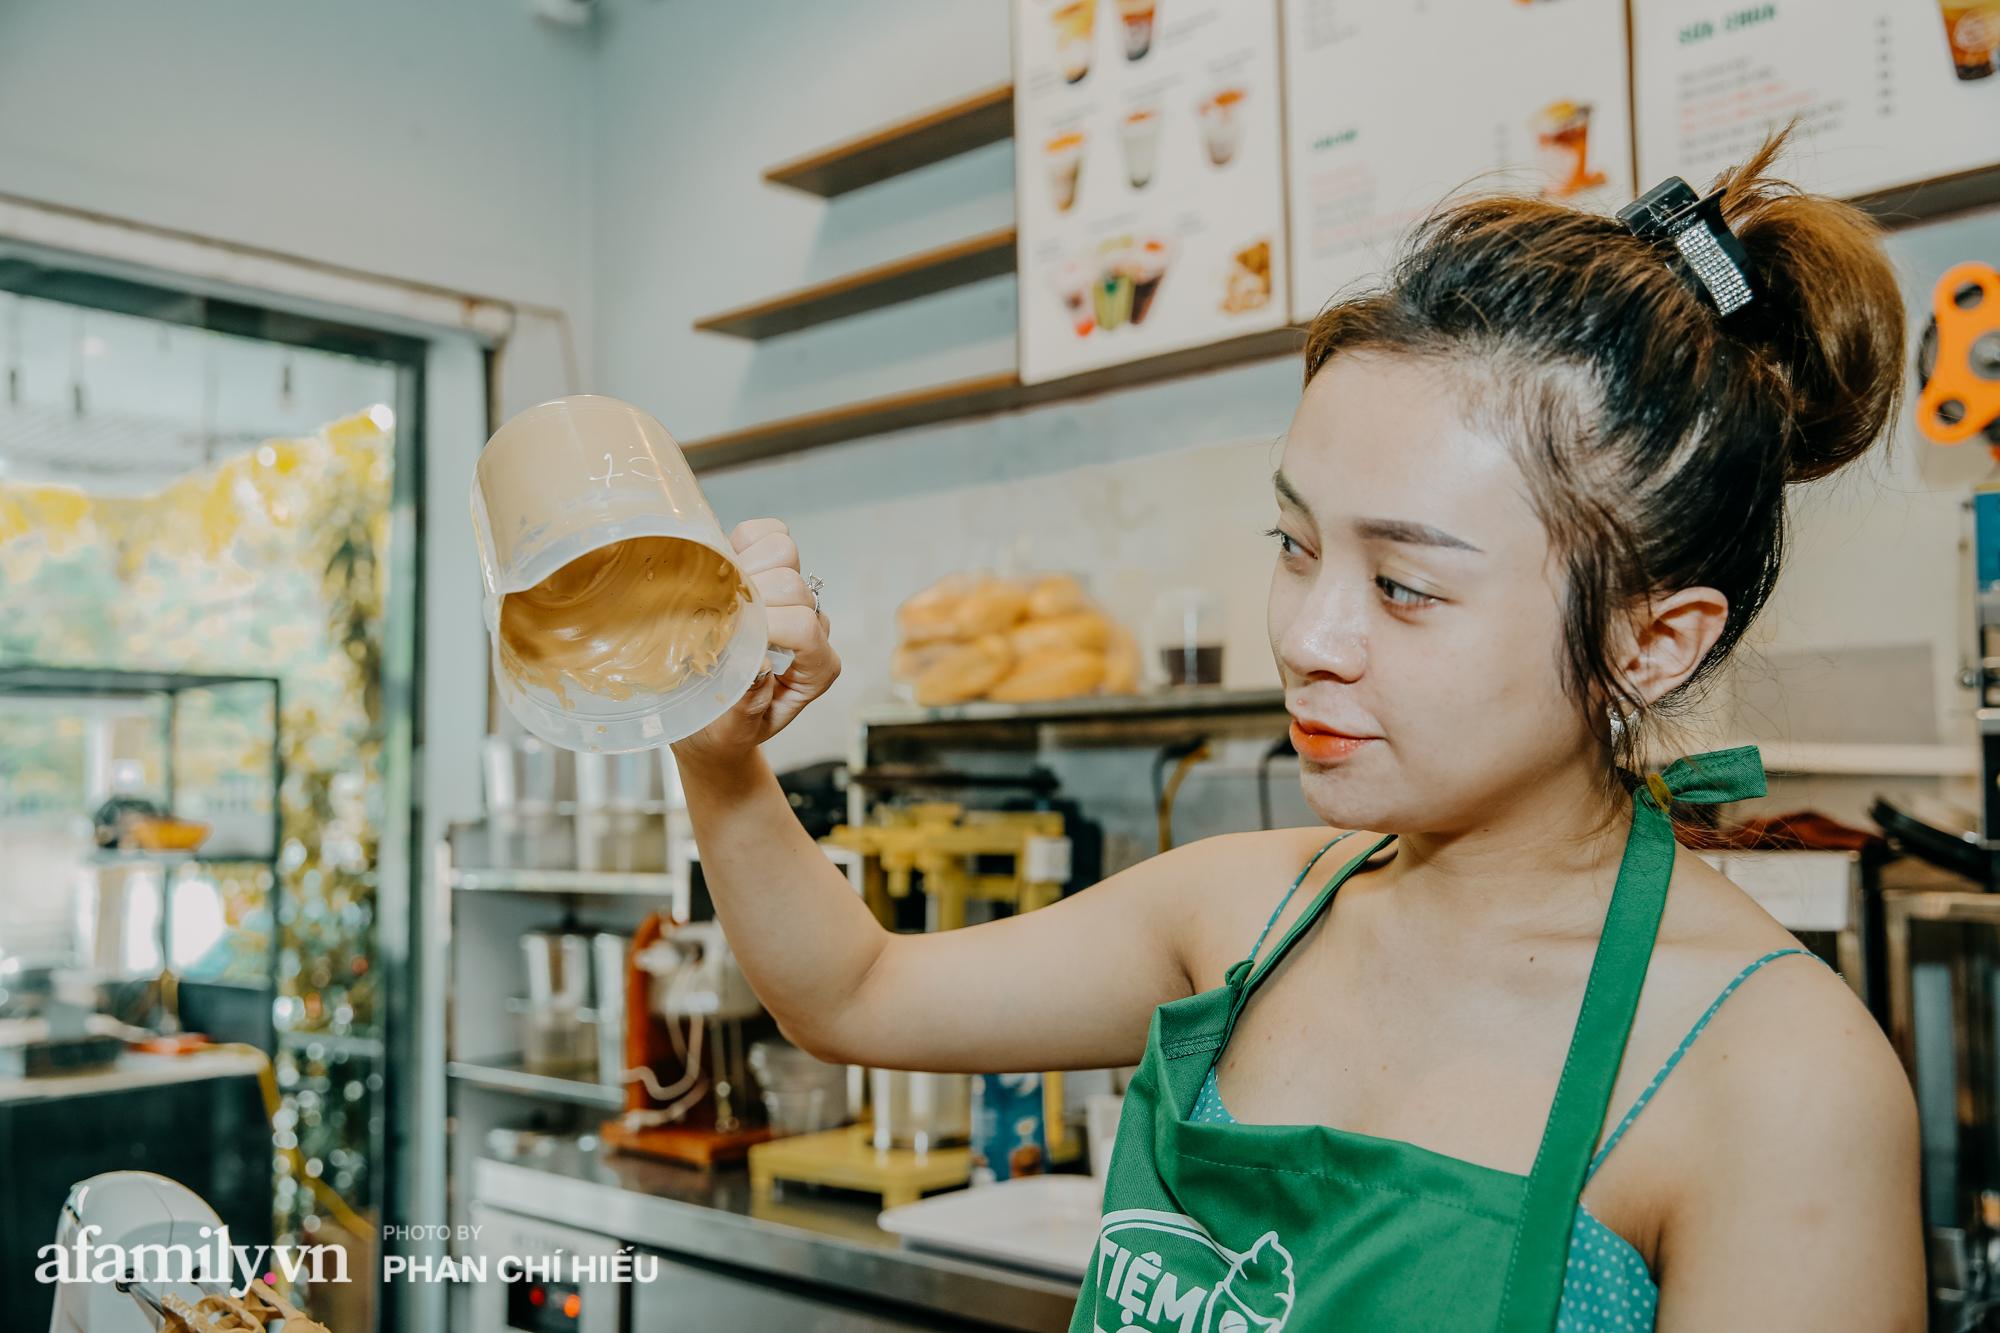 """Cà phê bọt Long Lý làm phụ nữ """"mê mẩn"""" tại chợ Vinh bất ngờ ra Hà Nội, được """"đệ tử ruột"""" chú Long pha chế nhìn cá cũng cầu kỳ gớm ghê - Ảnh 1."""